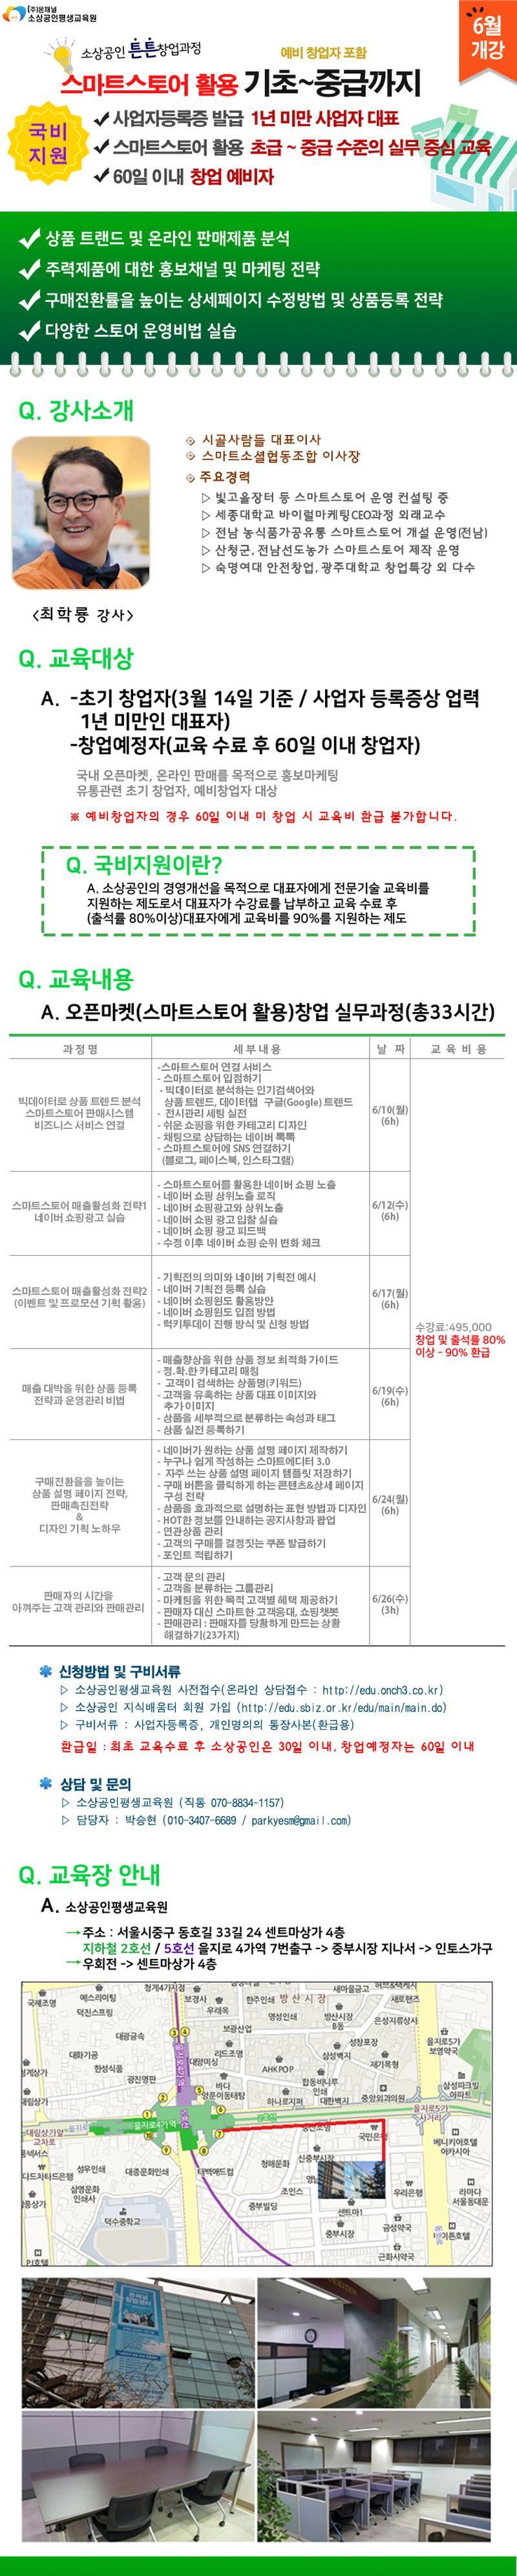 소상공인국비지원1년미만-800.jpg